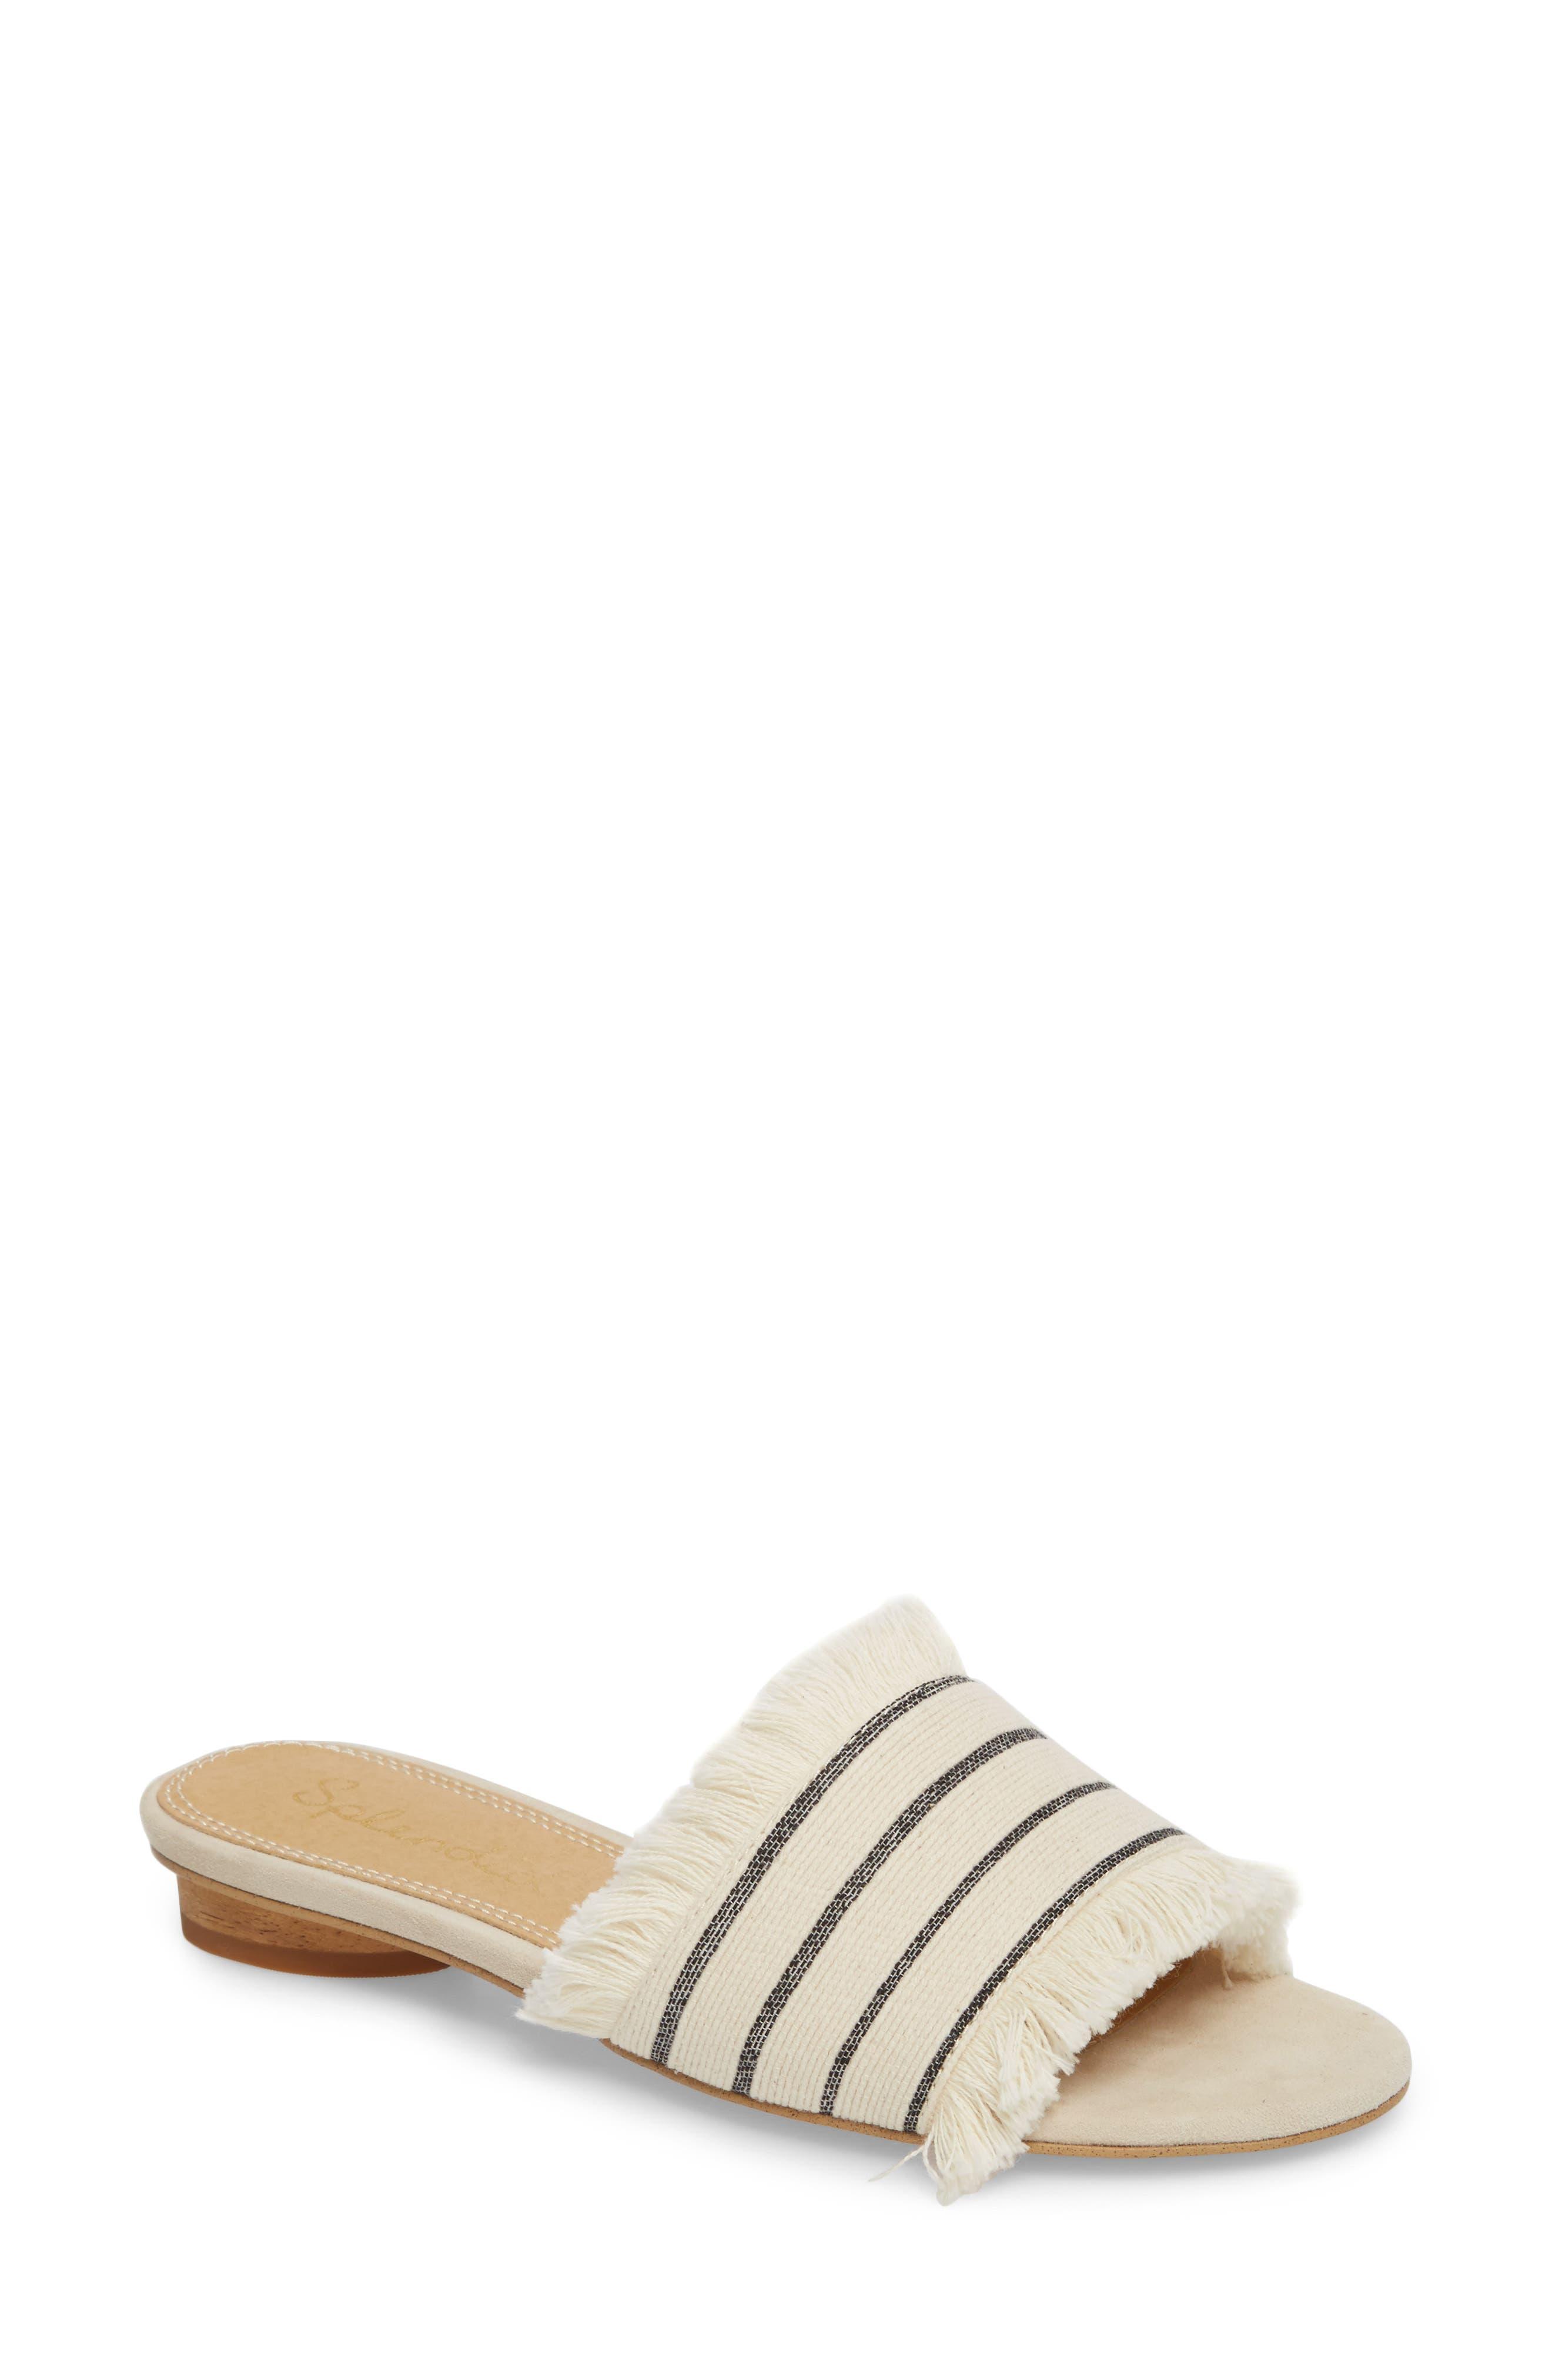 Alternate Image 1 Selected - Splendid Baldwyn Fringe Slide Sandal (Women)